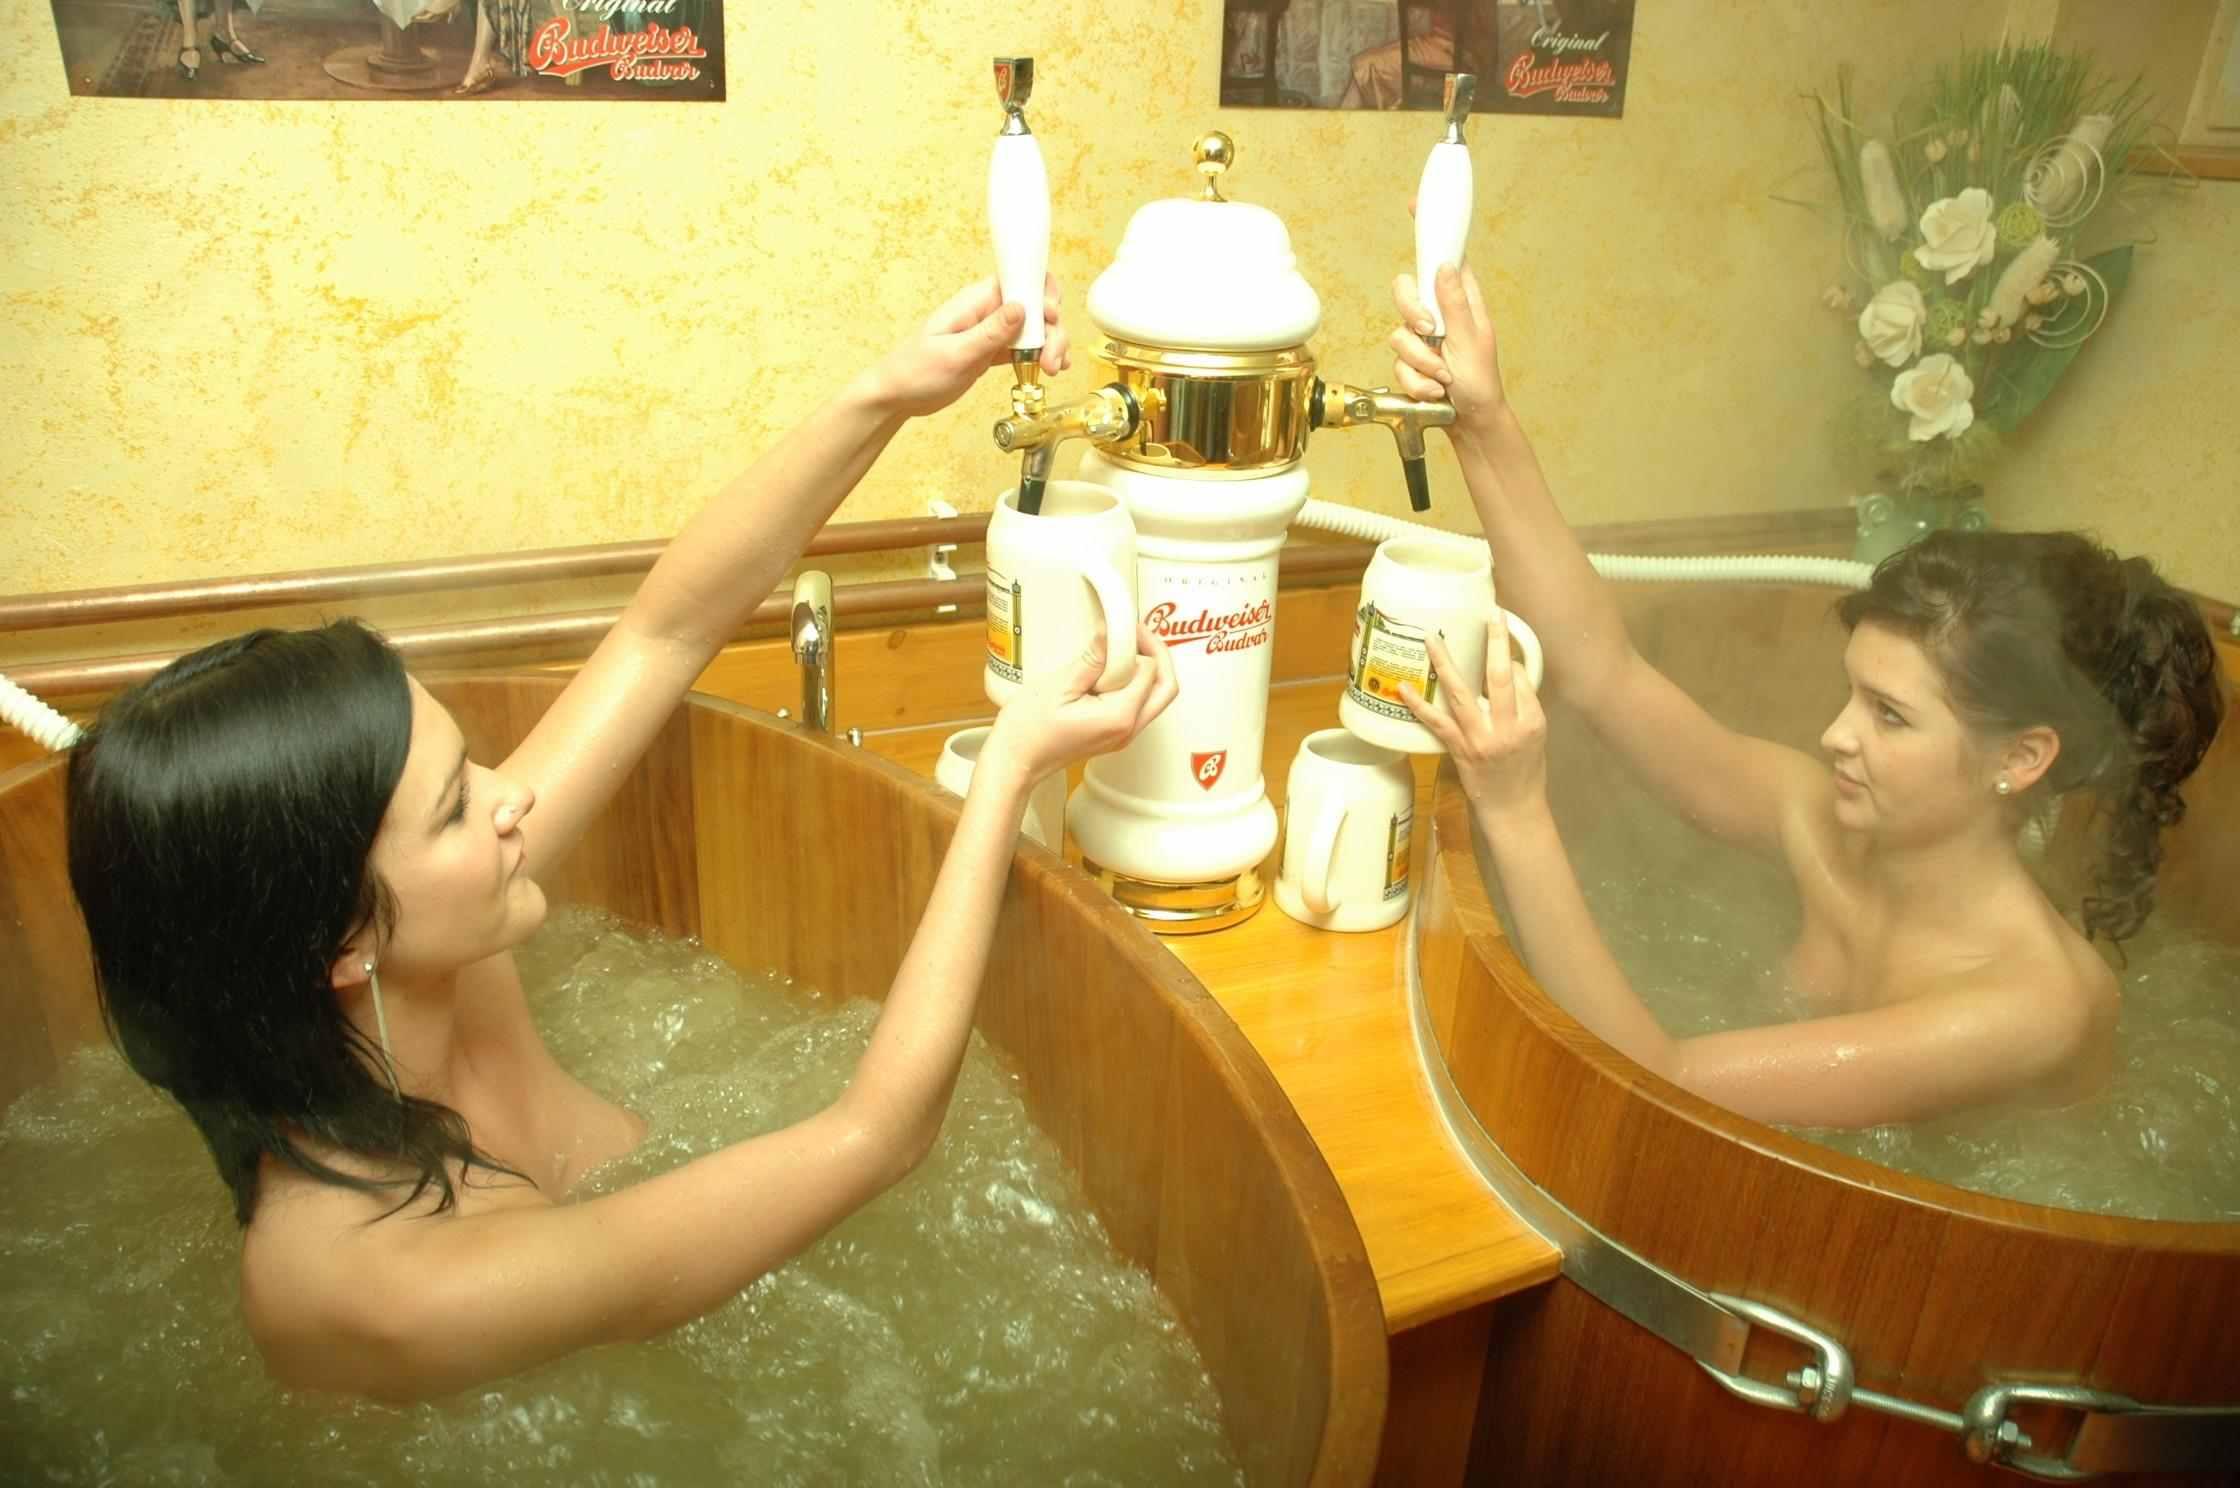 Грудастая девушка принимает ванну после вечеринки  258466